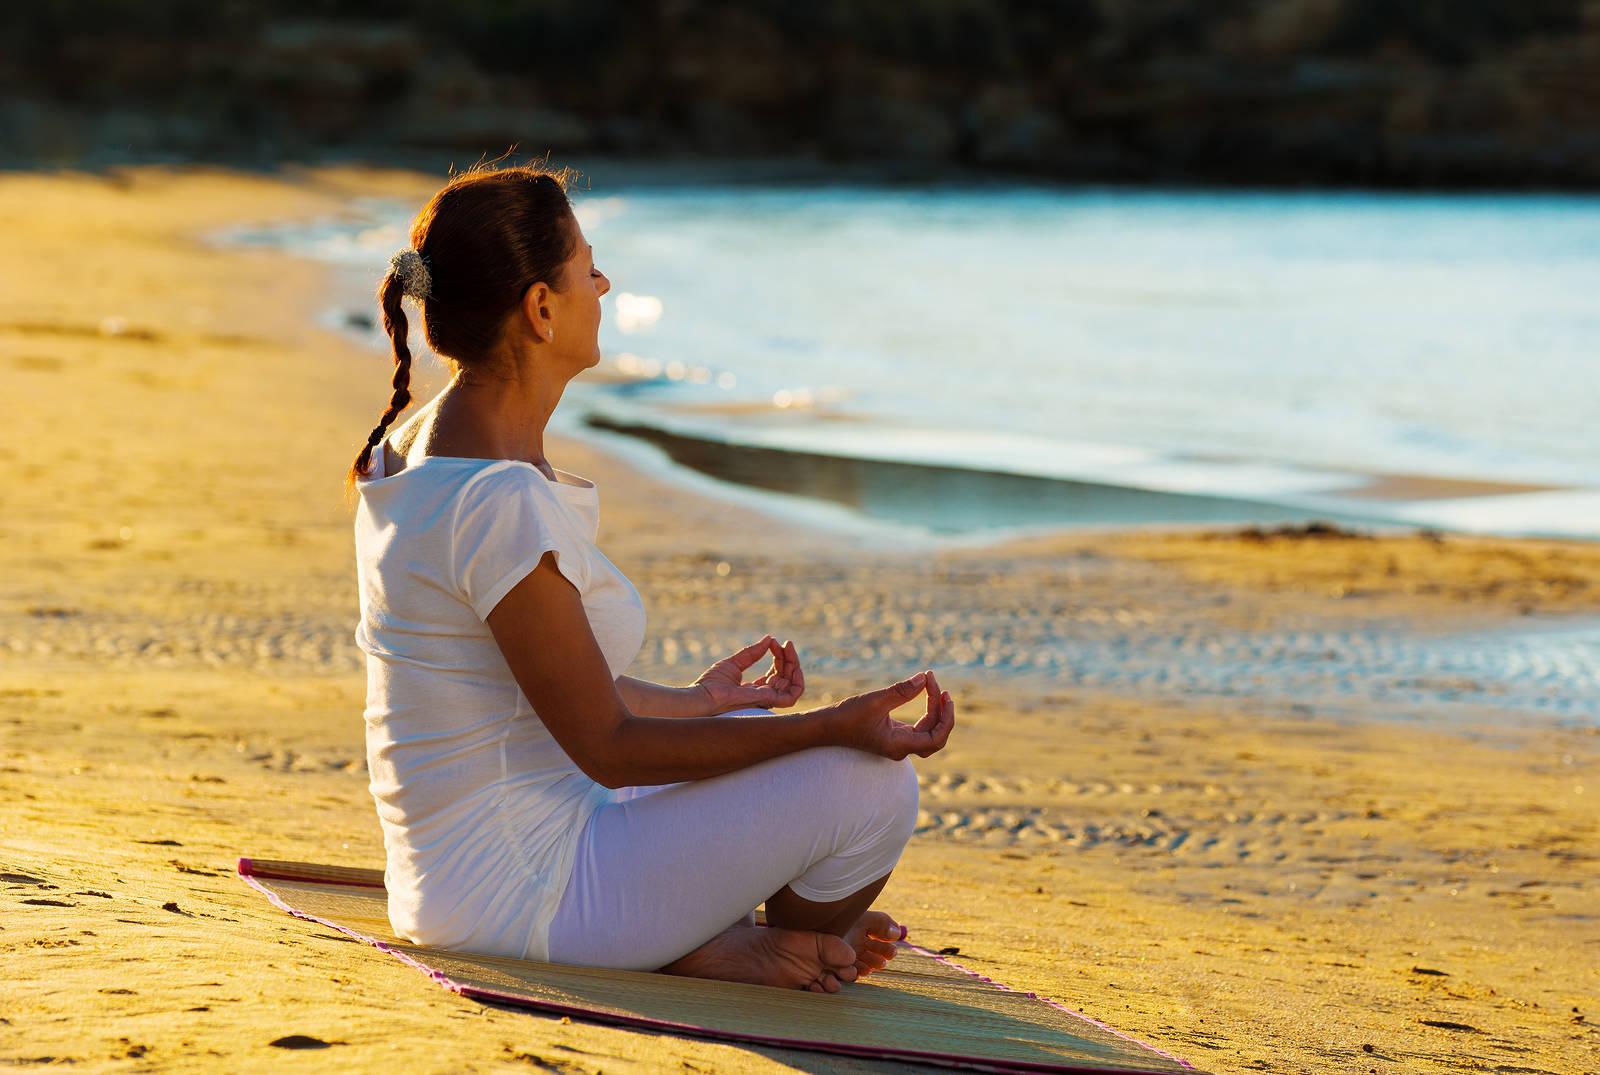 64152a86c734adbbe5f3_bigstock-_woman-yoga-onthebeach-50428325.jpg